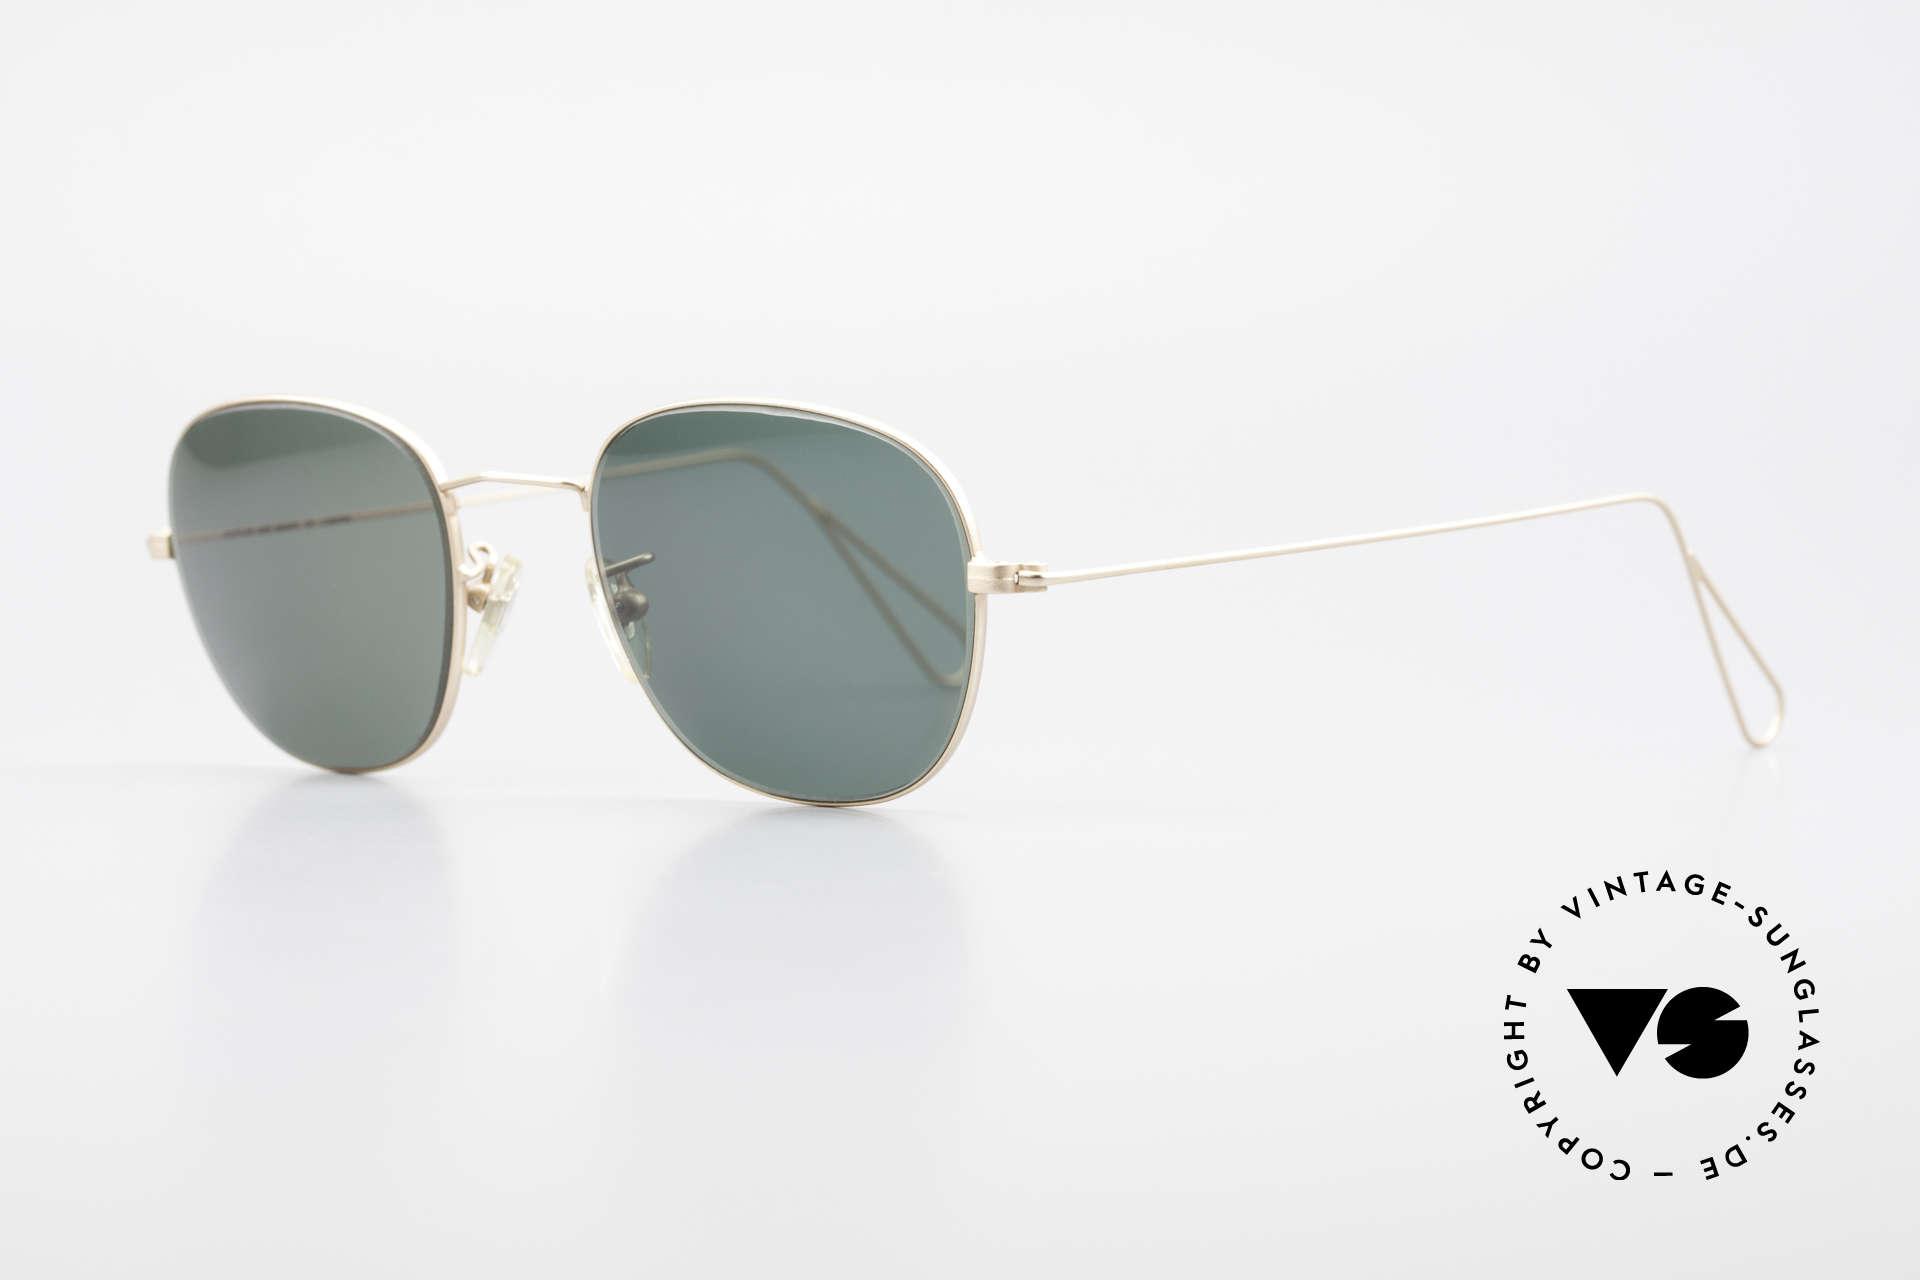 Cutler And Gross 0307 Klassische 90er Vintage Brille, stilvoll & unverwechselbar; auch ohne pompöse Logos, Passend für Herren und Damen